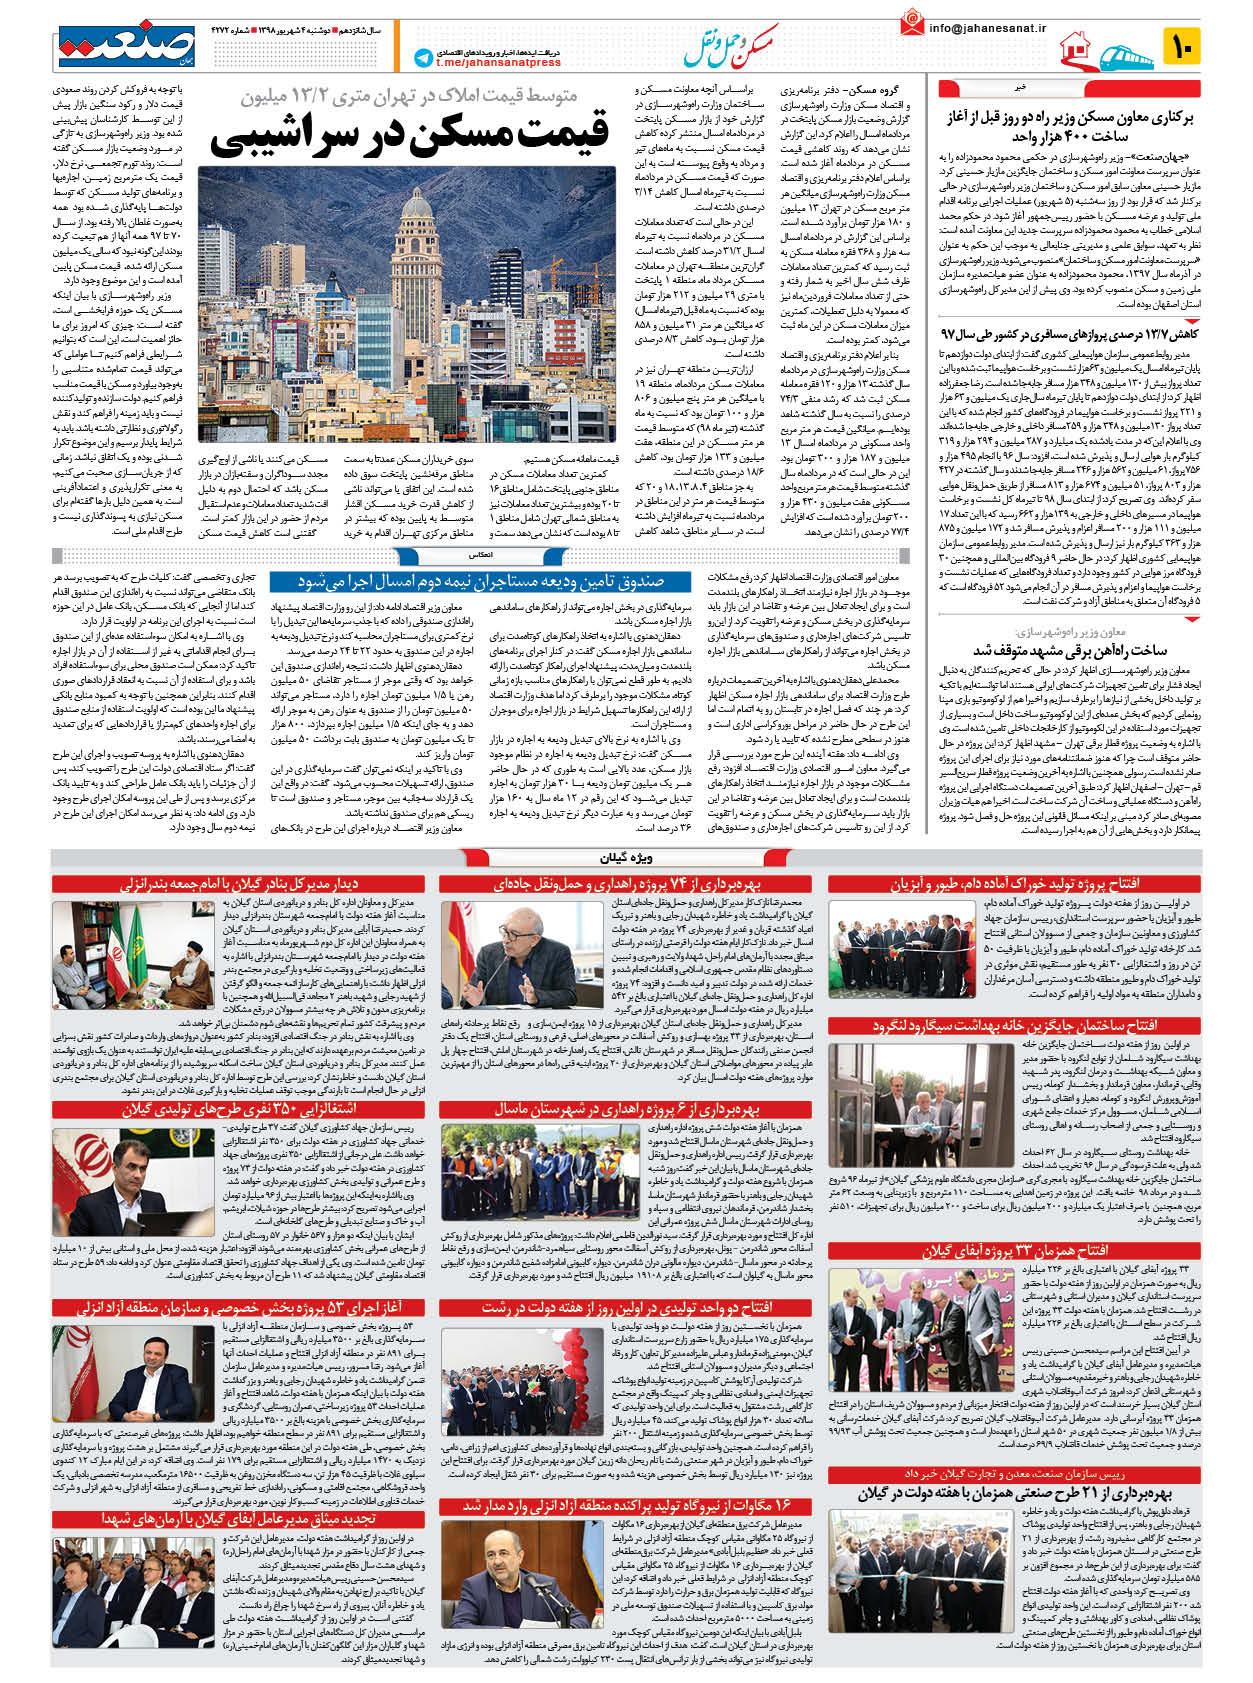 صفحه ۱۰ – ۰۴ شهریور ۱۳۹۸